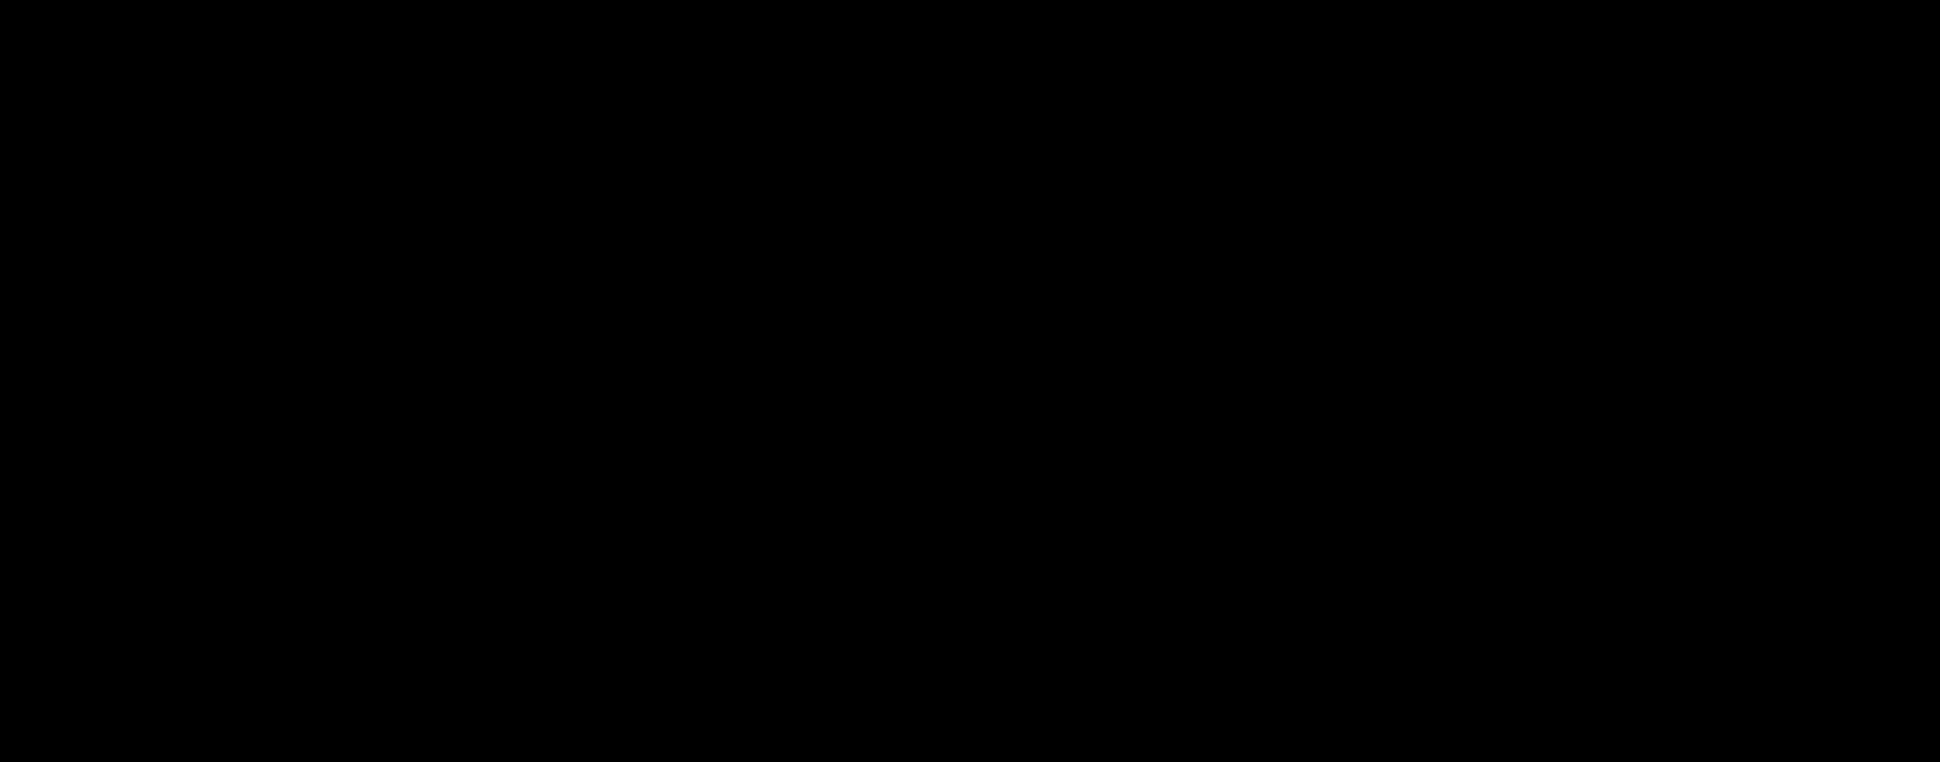 Αρώνια μια υπερτροφή με θεραπευτικές ιδιότητες